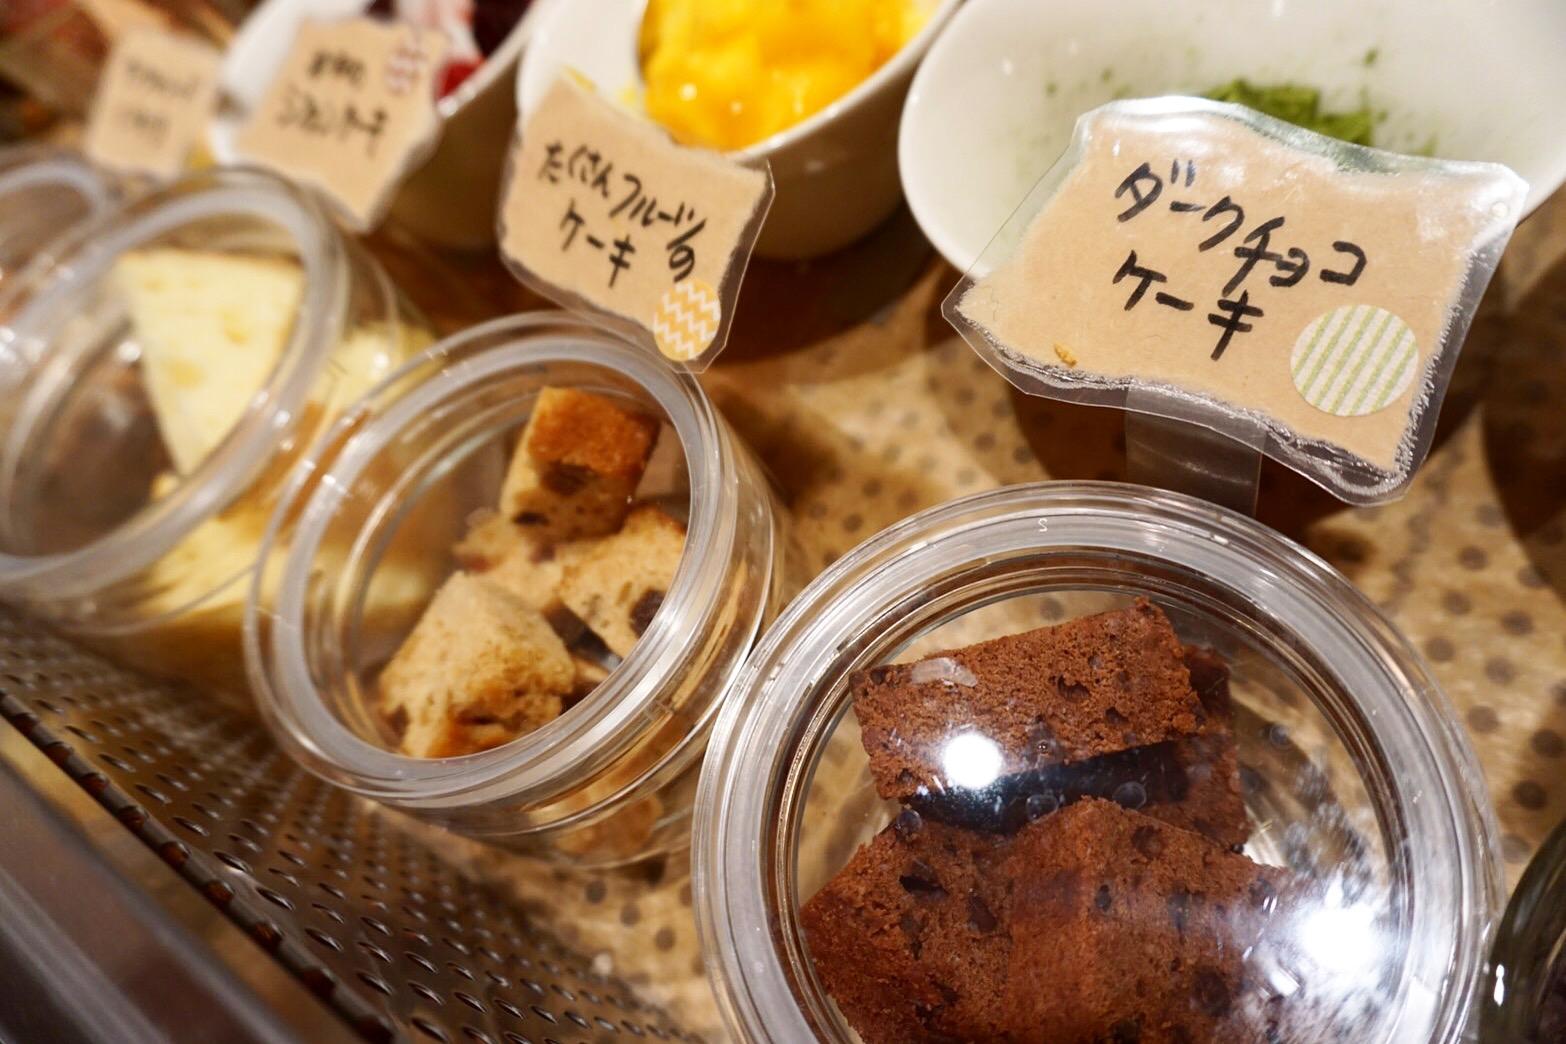 合言葉は「ヤーテロ!」。大須の新店『アニーのアイスクリーム屋さん』に行ってきた - IMG 2903